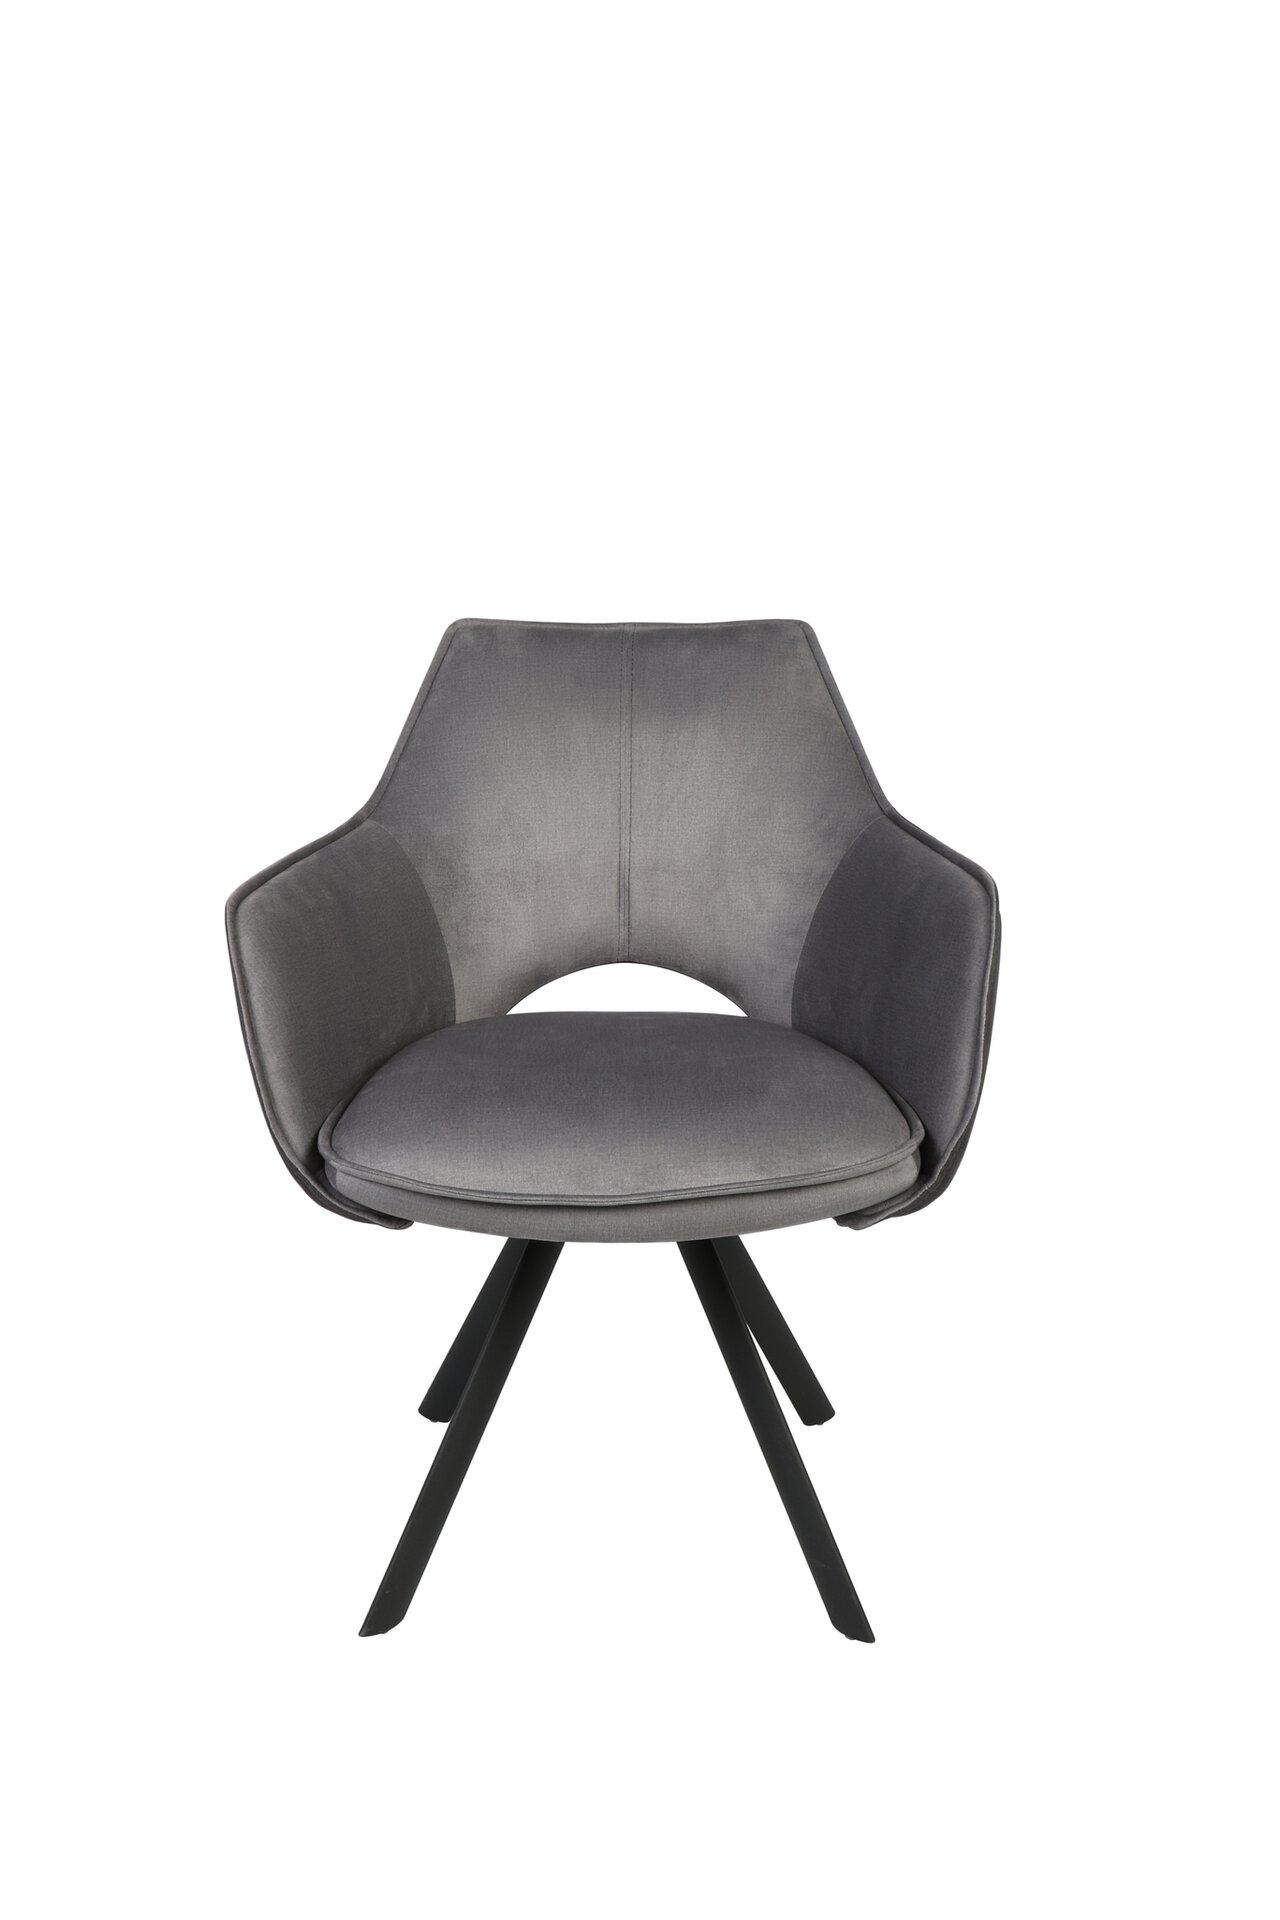 Stuhl JD7889-1 Dinett Textil mehrfarbig 64 x 55 x 64 cm